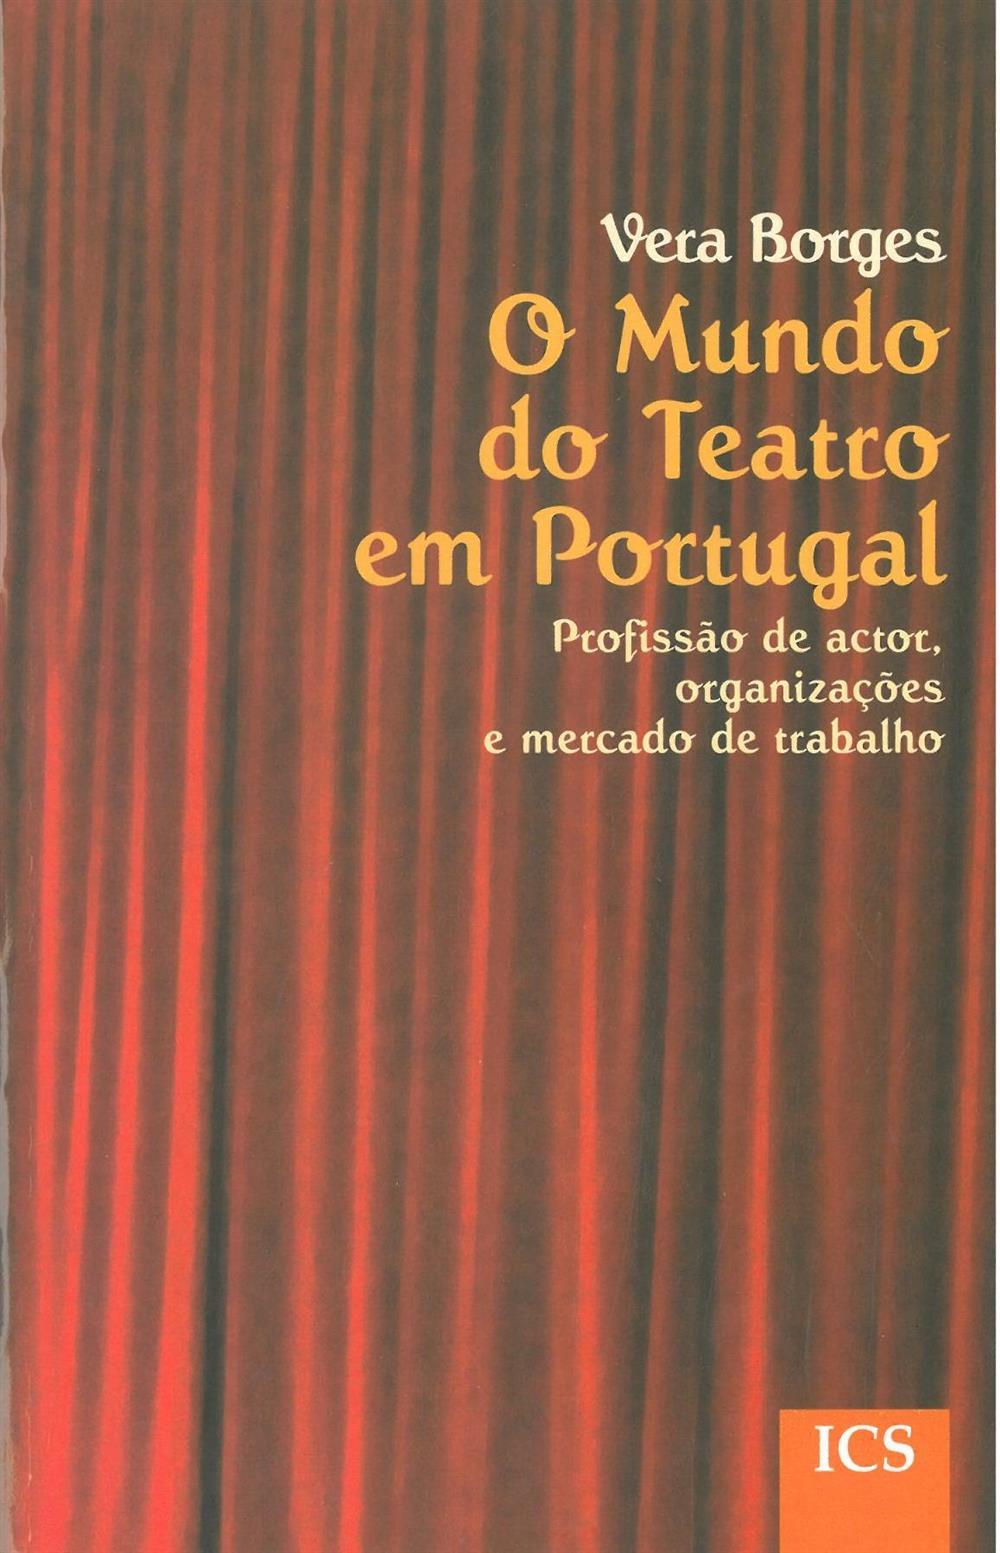 O mundo do teatro em Portugal.jpg